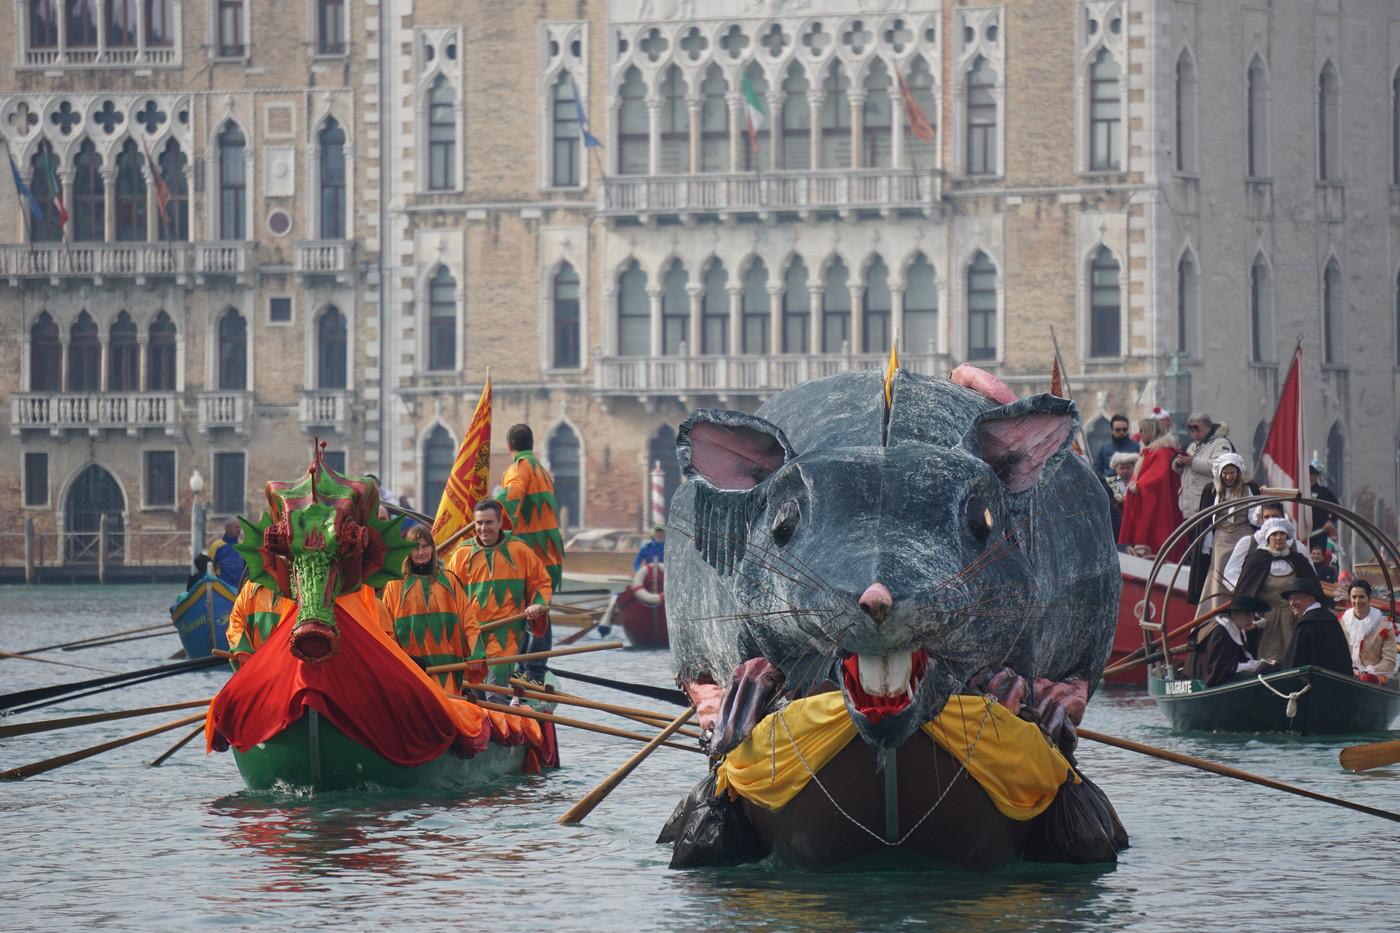 Carnevale di Venezia, la Regata della Pantegana